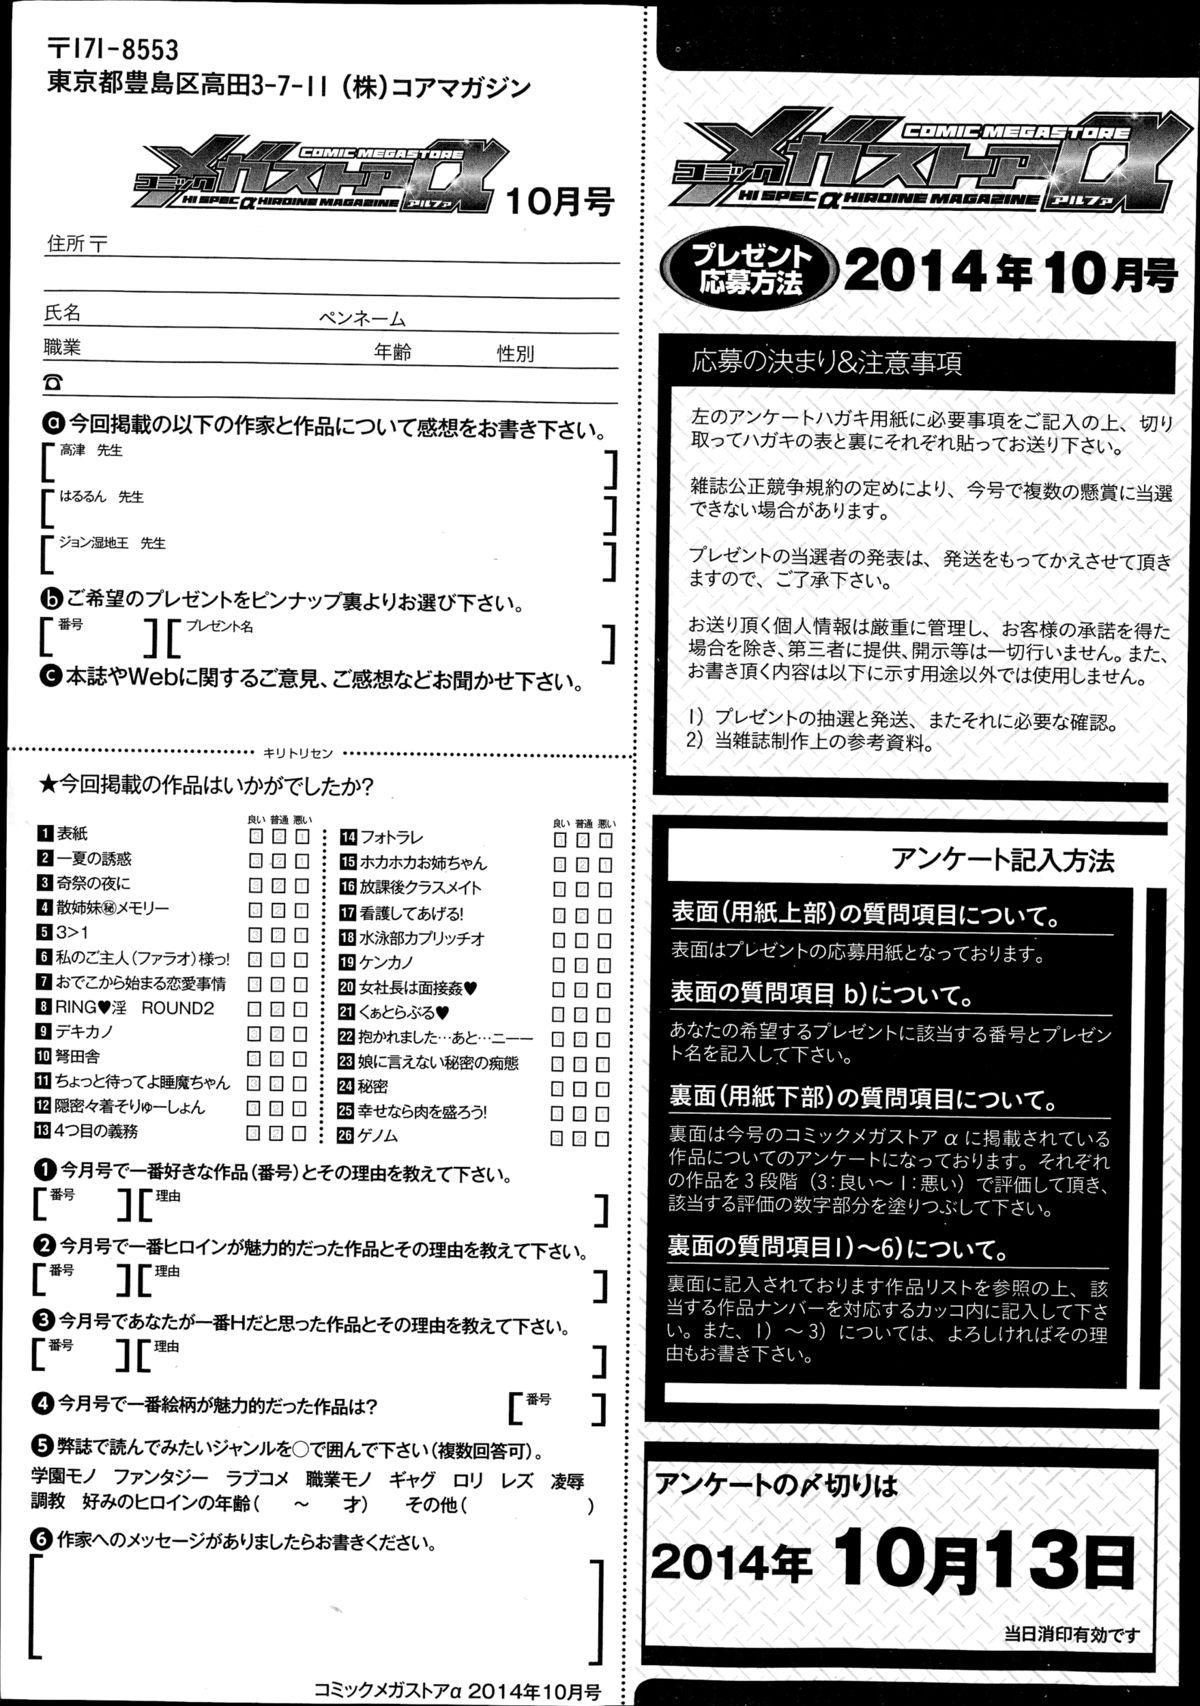 COMIC Megastore Alpha 2014-10 506